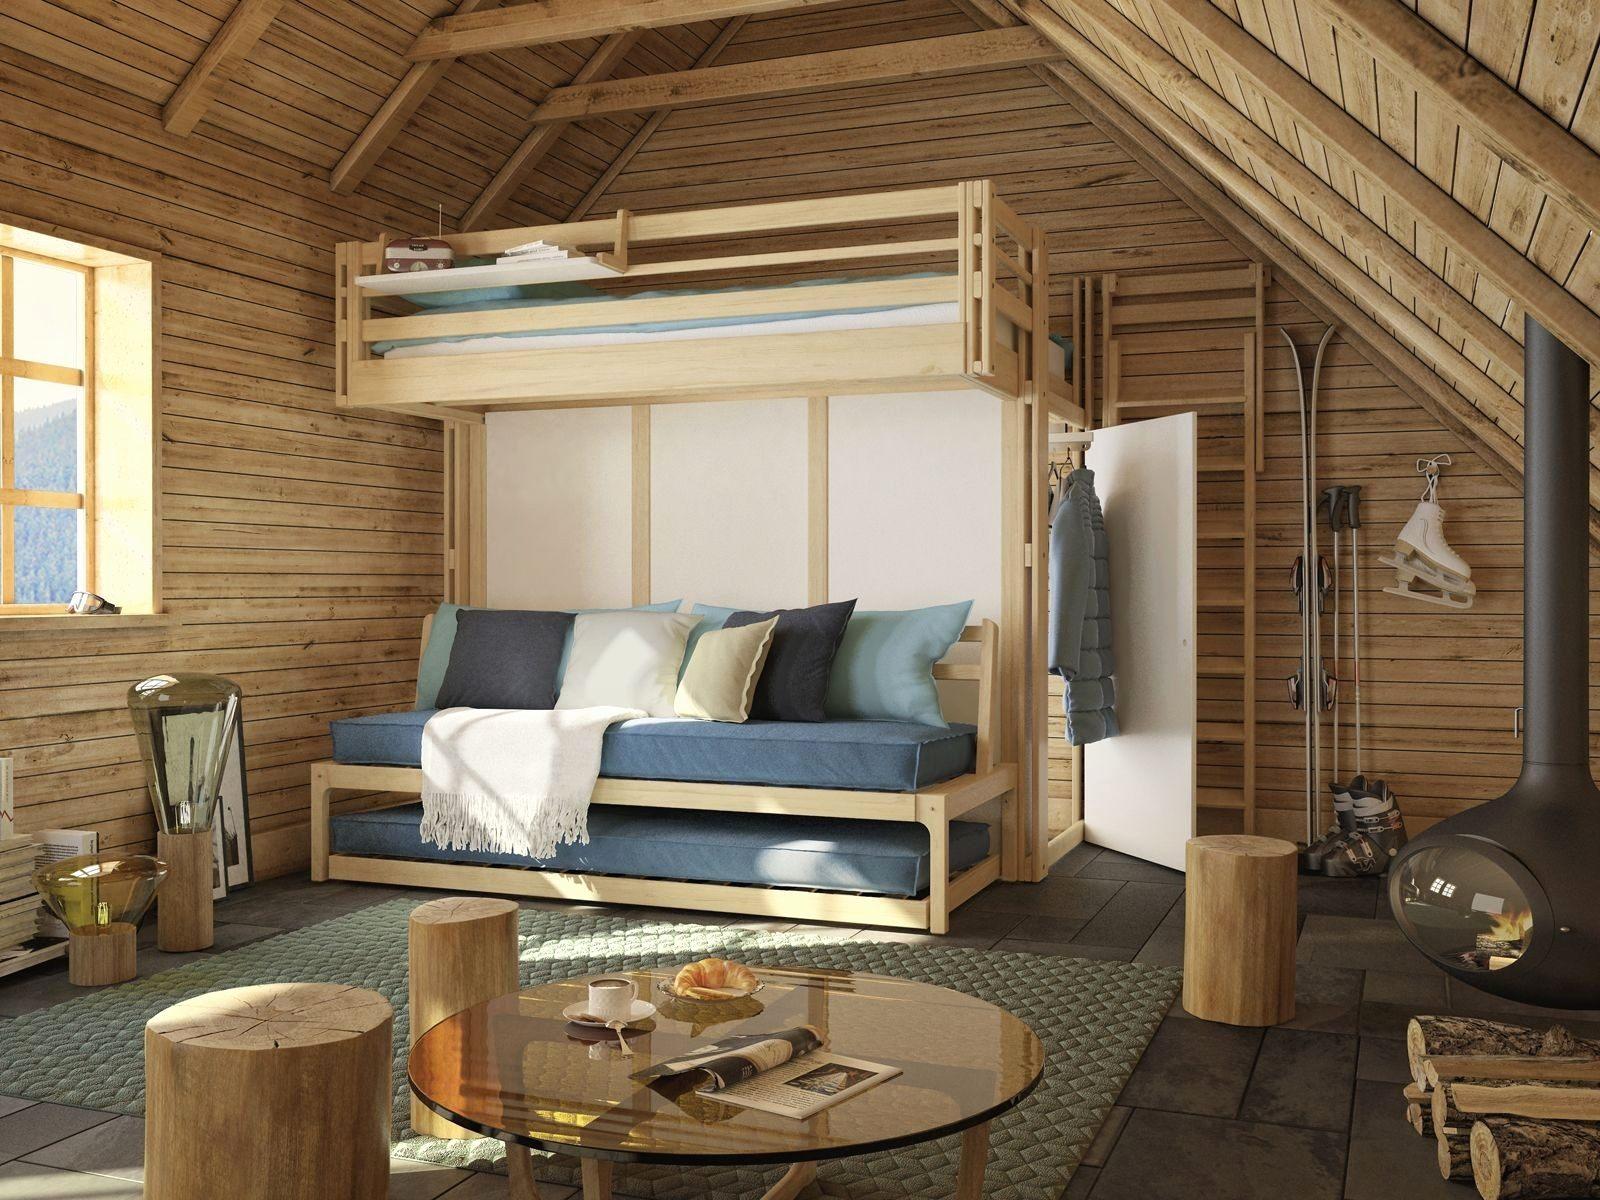 Lit Mezzanine 1 Place Avec Bureau Joli Lit Mezzanine 1 Place Blanc Unique Lit Mezzanine 3 Places Ikea